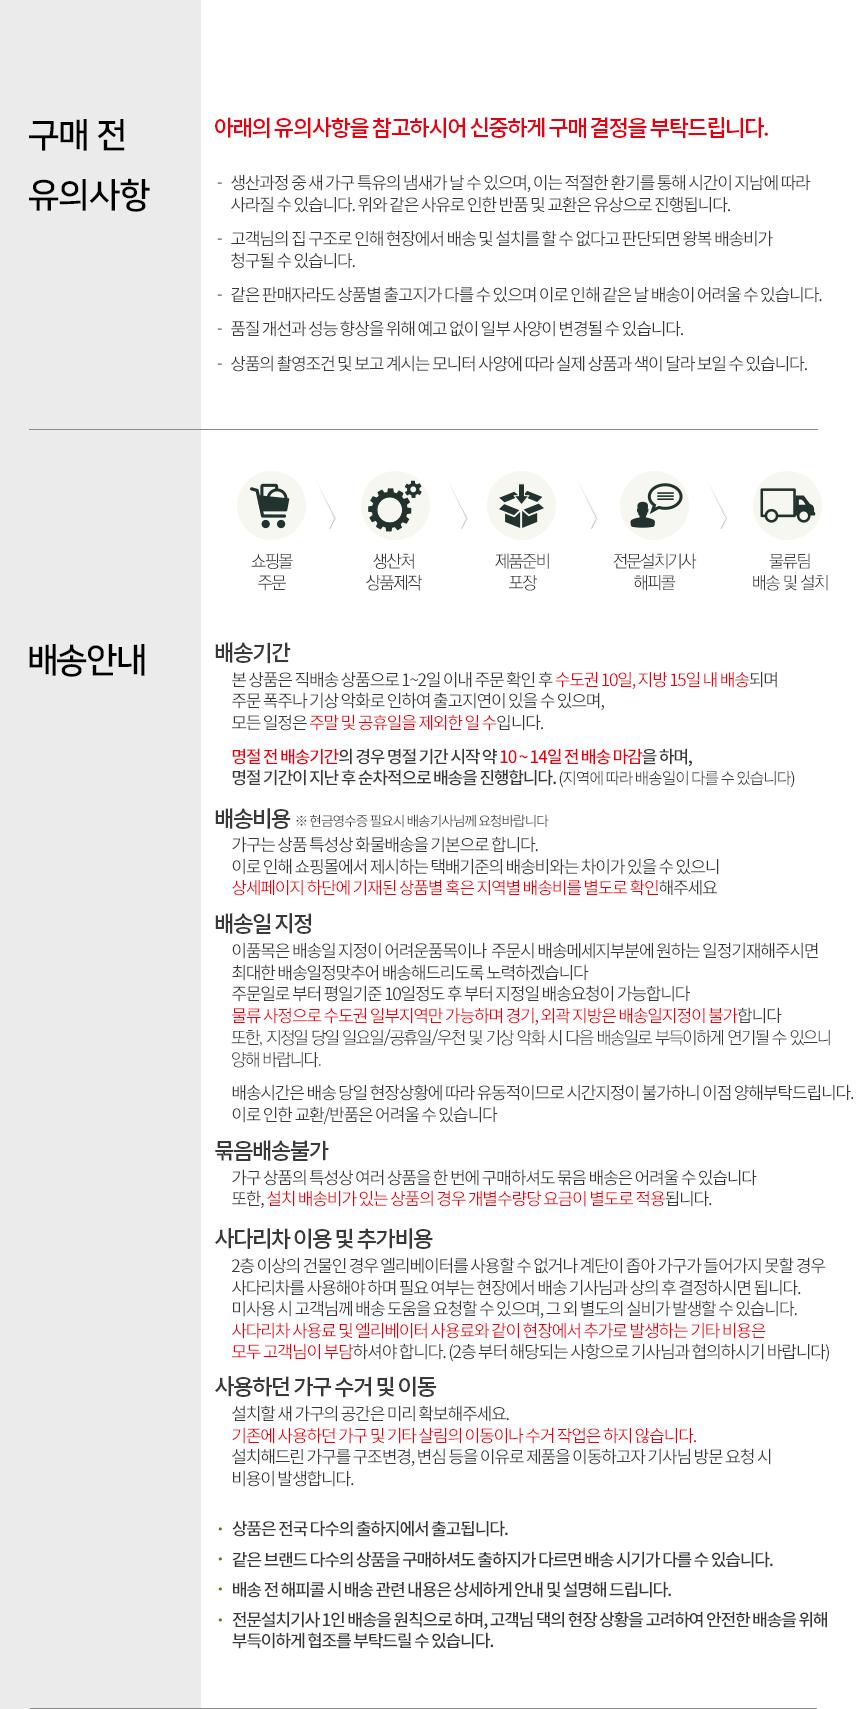 cs-info.jpg